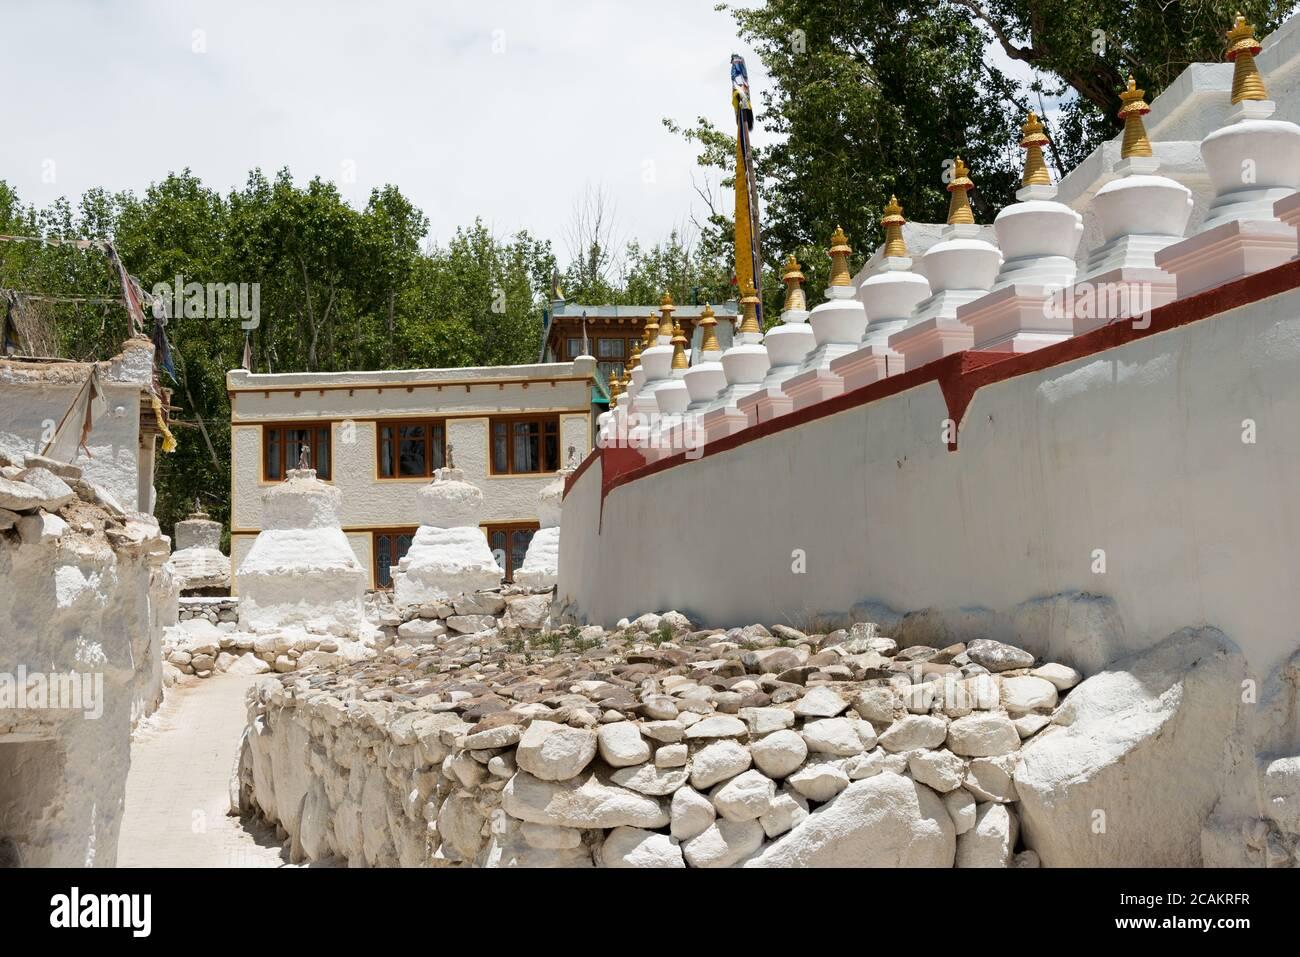 Ladakh, India - Gomang Stupa in Leh, Ladakh, Jammu and Kashmir, India. Stock Photo